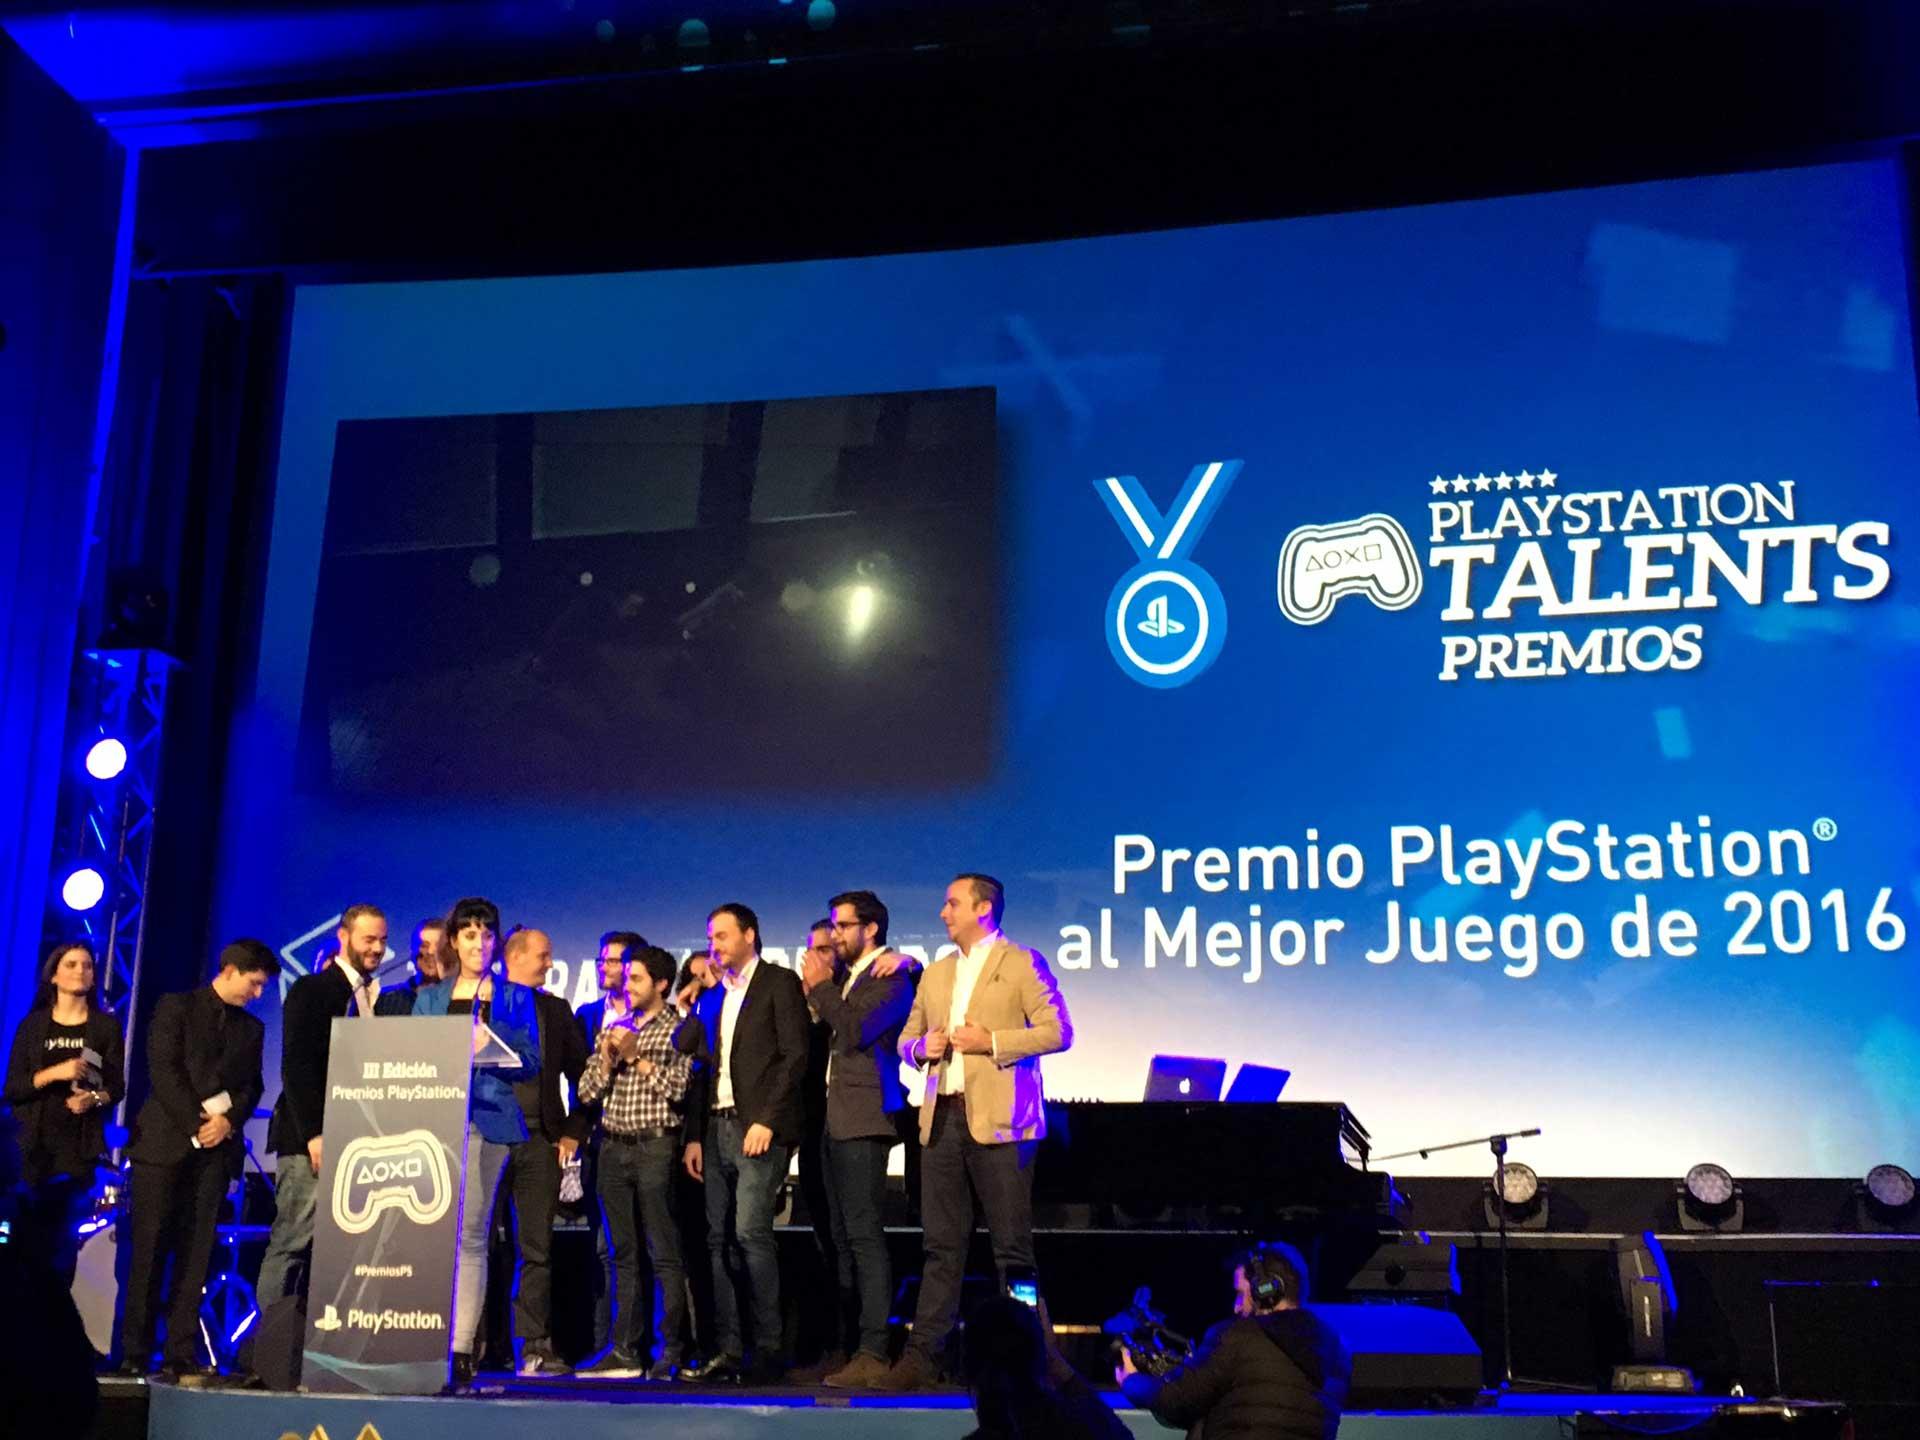 Mejor juego premios playstation